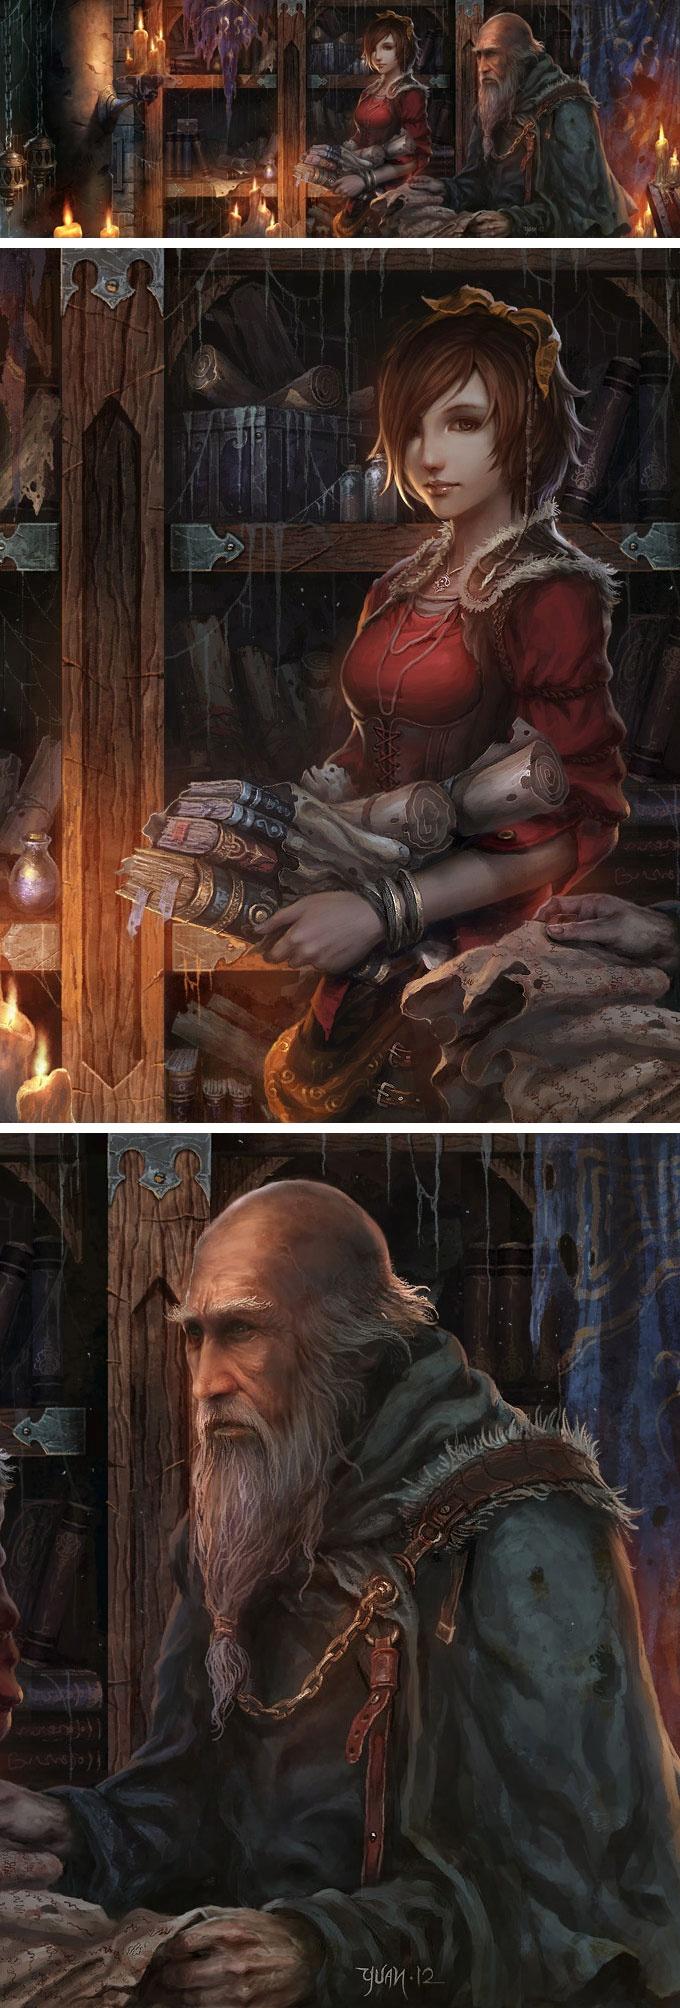 Diablo 3: Searching For Truth by Chao Yuan Xu